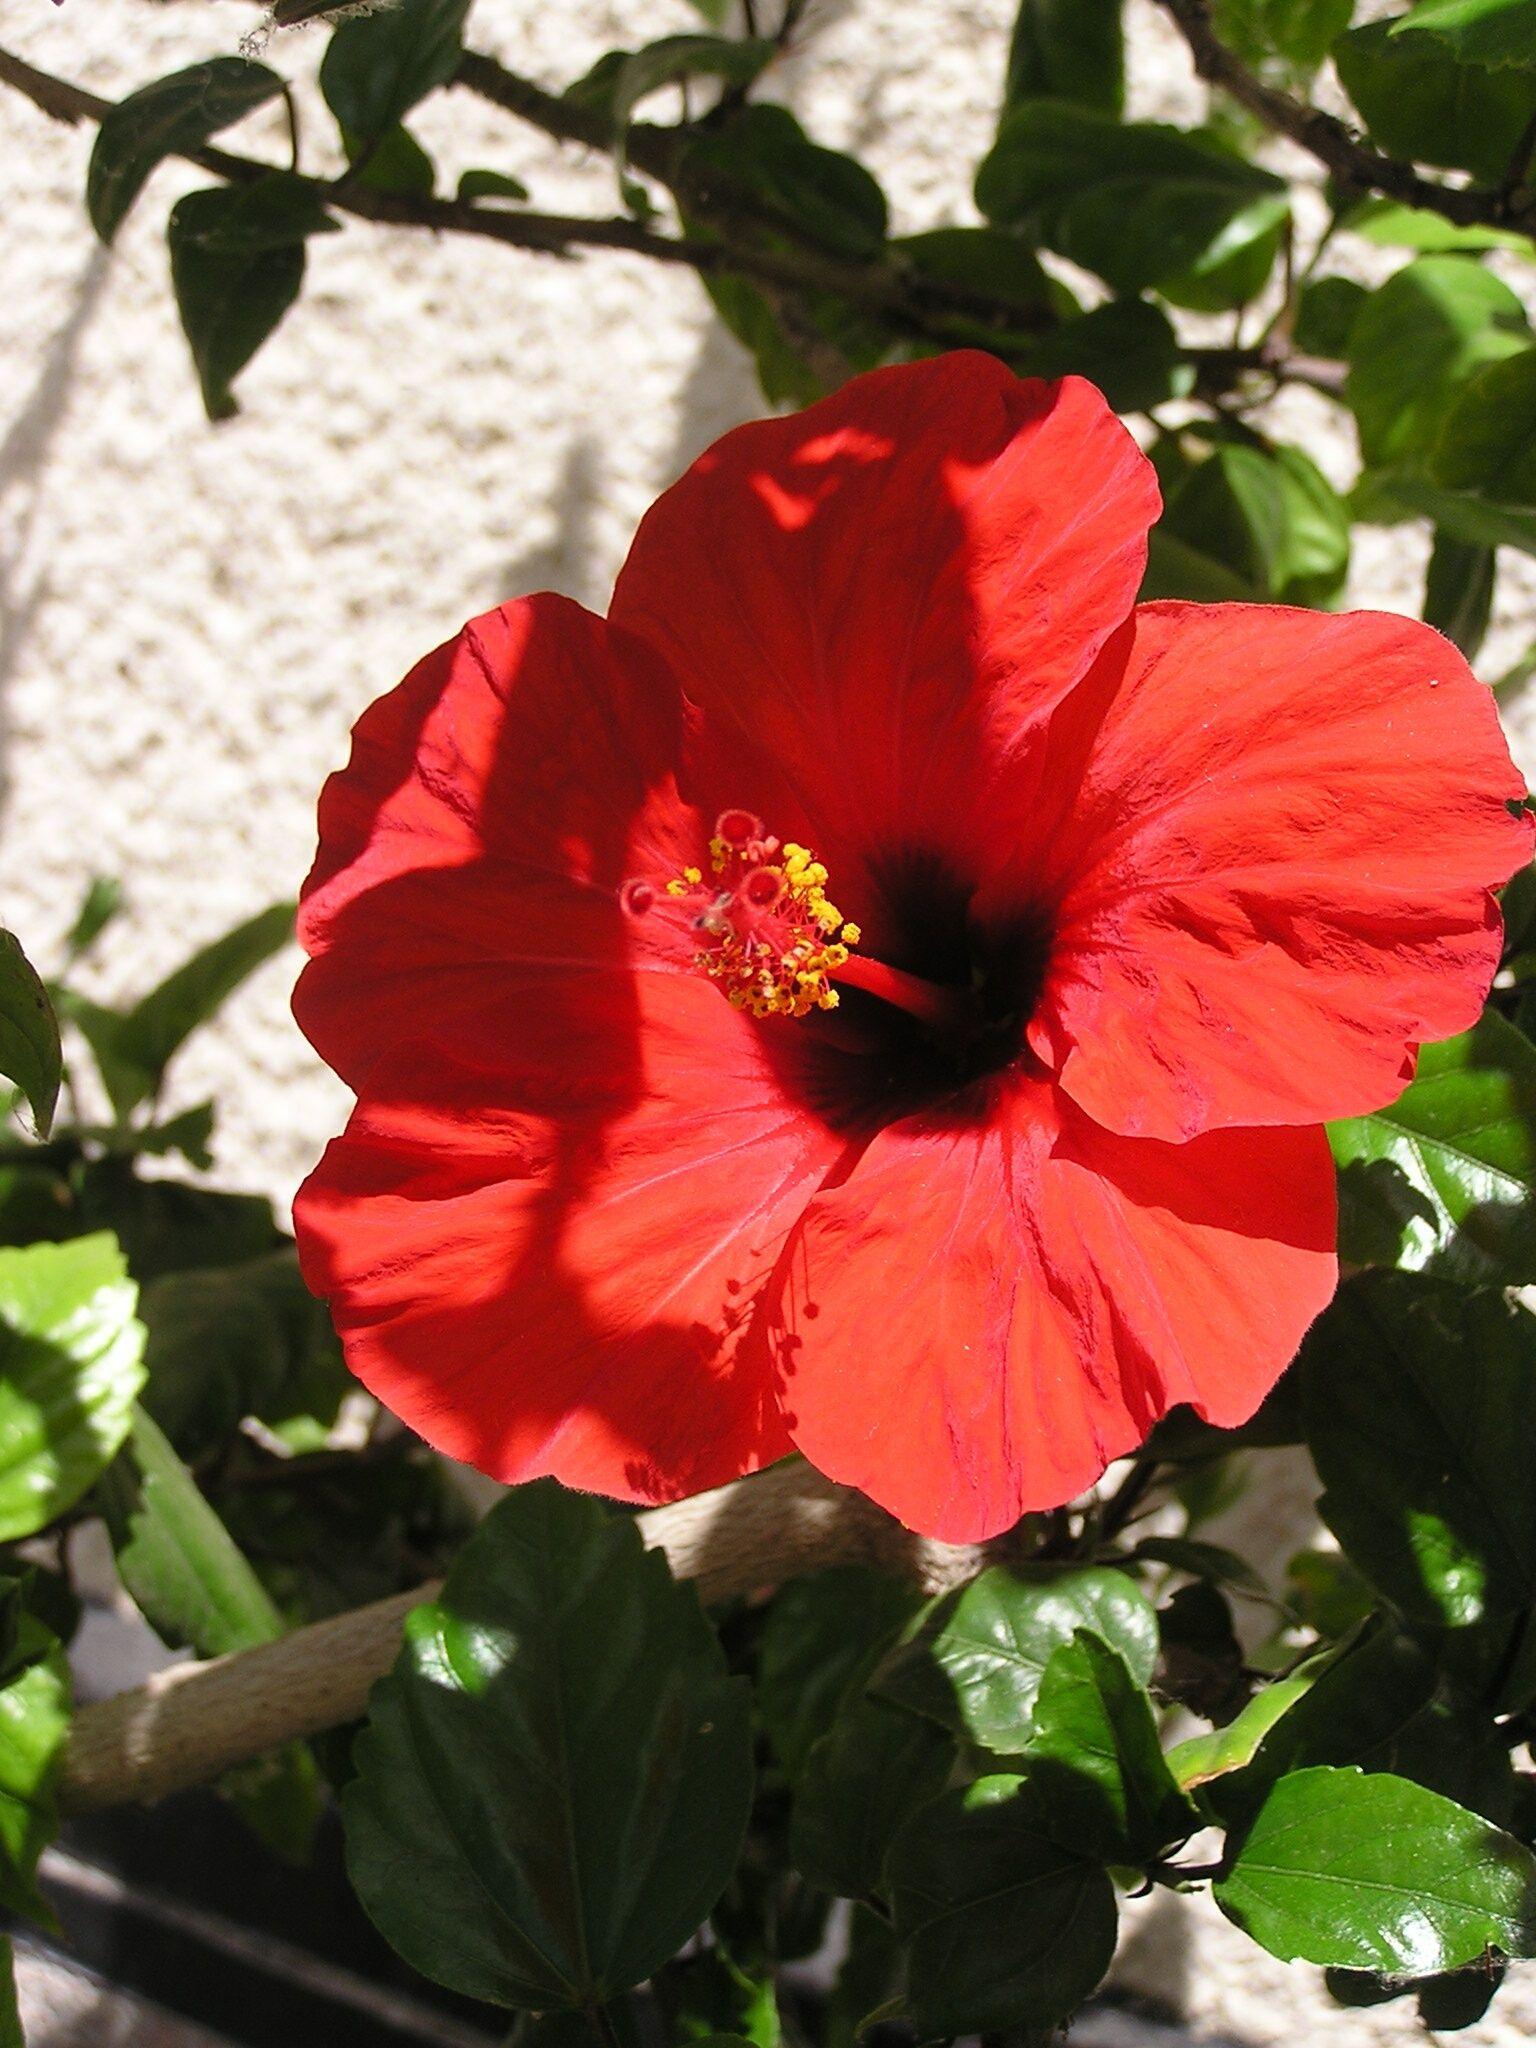 Haiti hait chinese hibiscus china rose shoe flower haiti hait chinese hibiscus china rose shoe flower marpacfico cayena izmirmasajfo